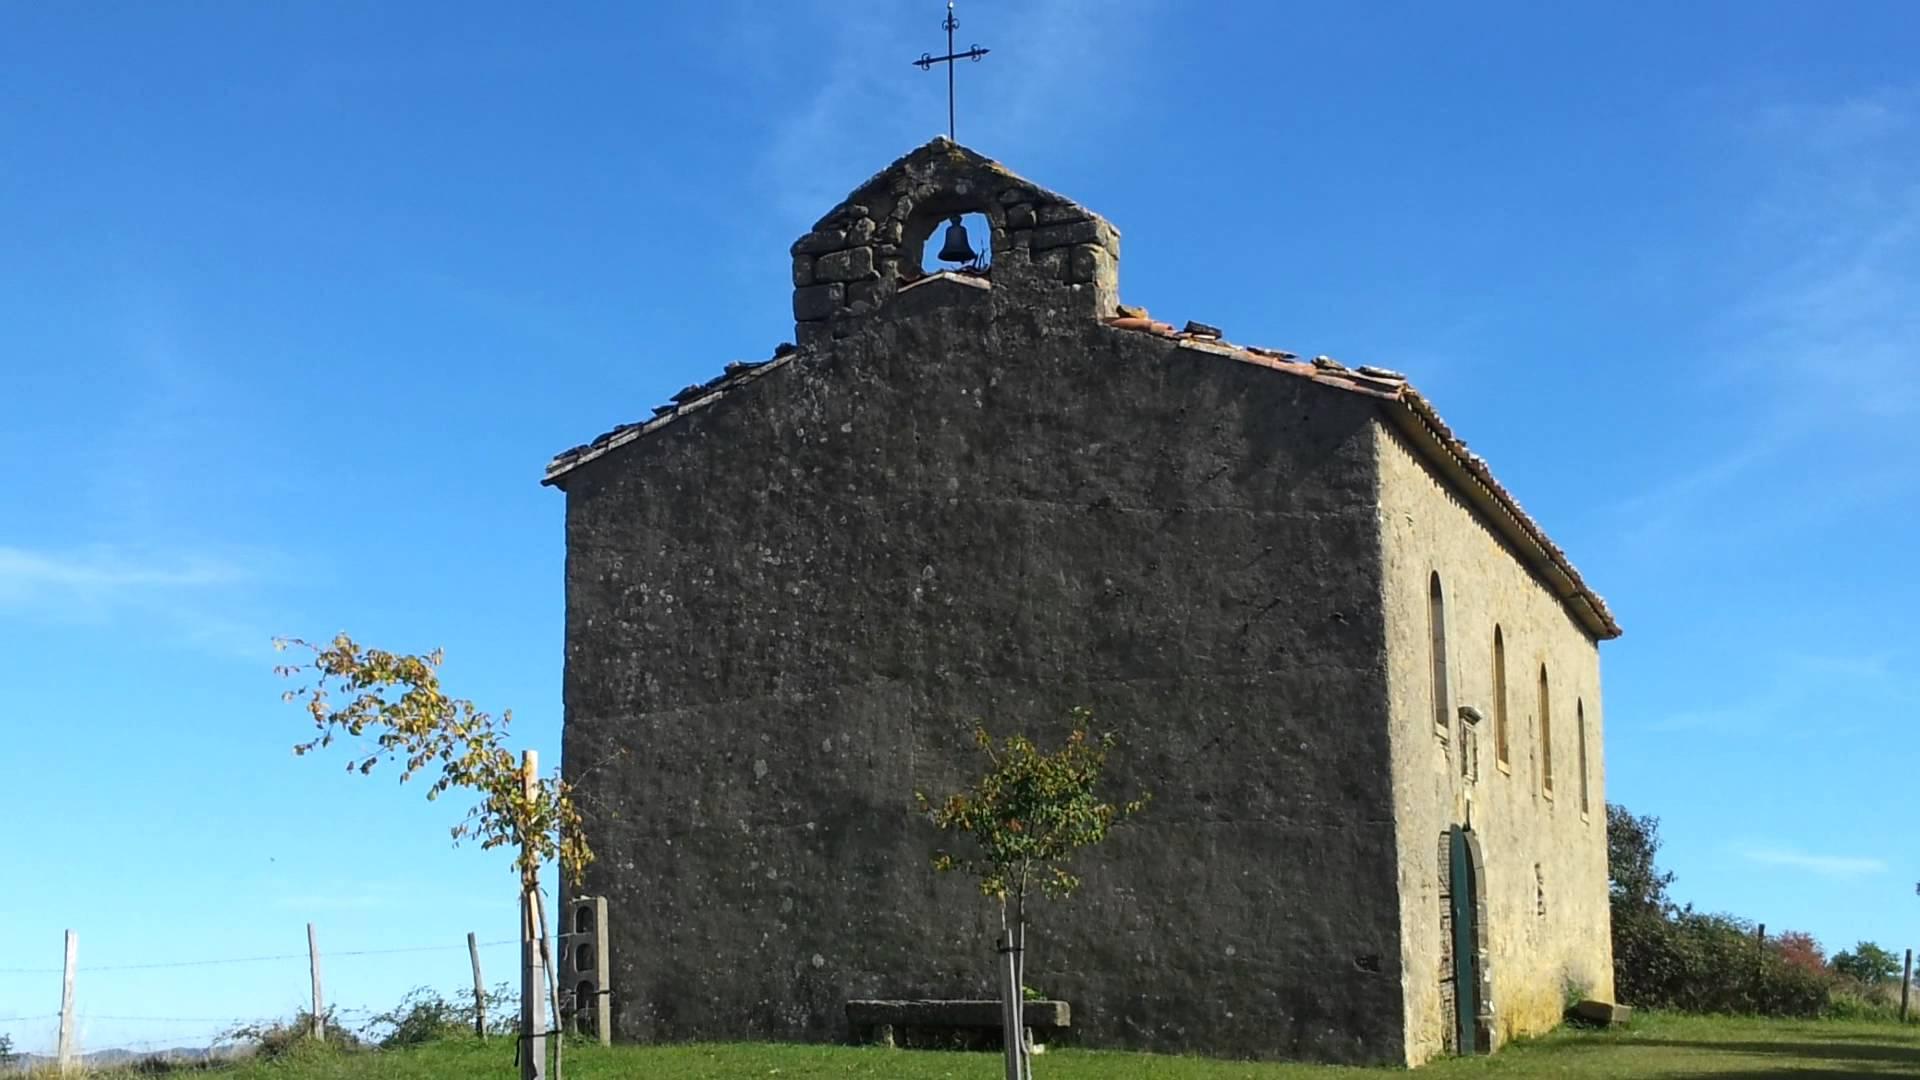 La chapelle Saint-Roch dans l'Ariège, menacée de fermeture, fait appel à la générosité des fidèles